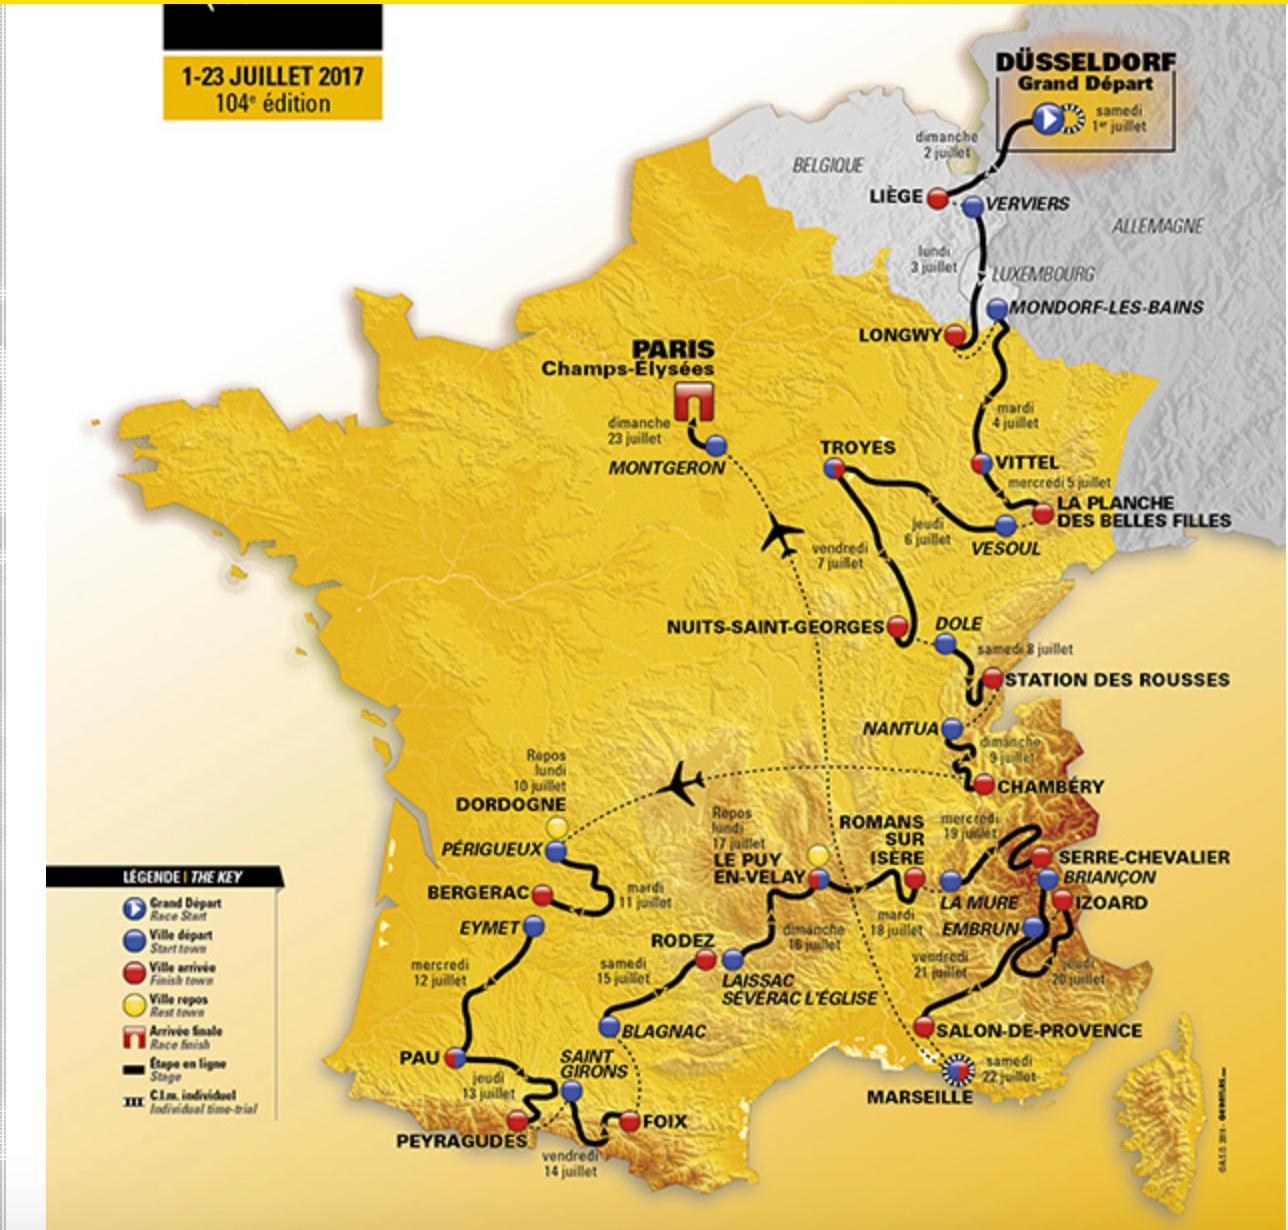 5f6a936d3 2017 Le Tour de France starts tomorrow in Düsseldorf